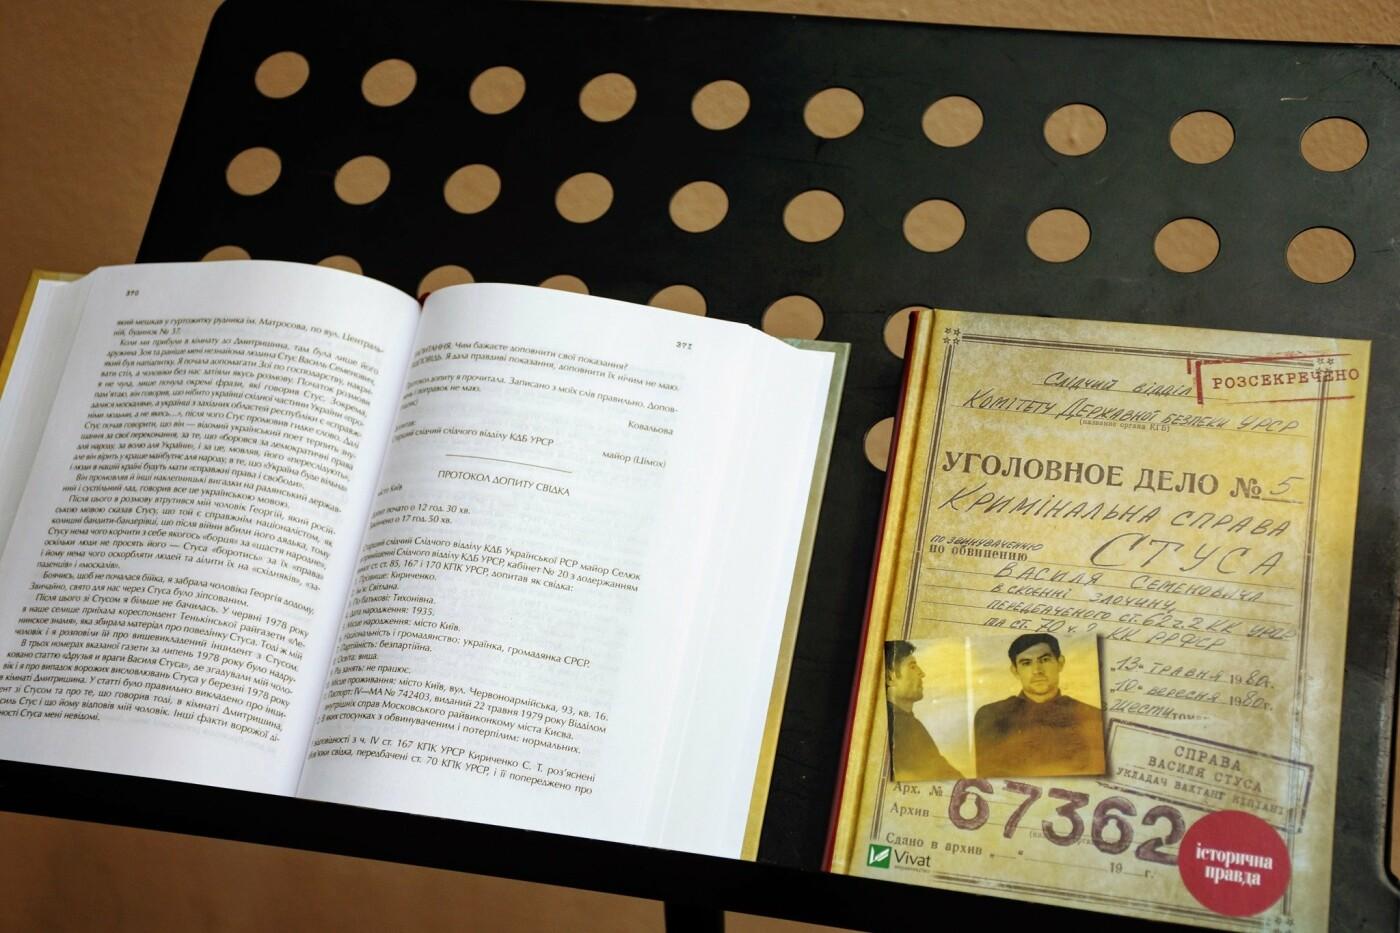 В Северодонецк привезли 600 экземпляров запрещенной книги о Стусе, фото-1